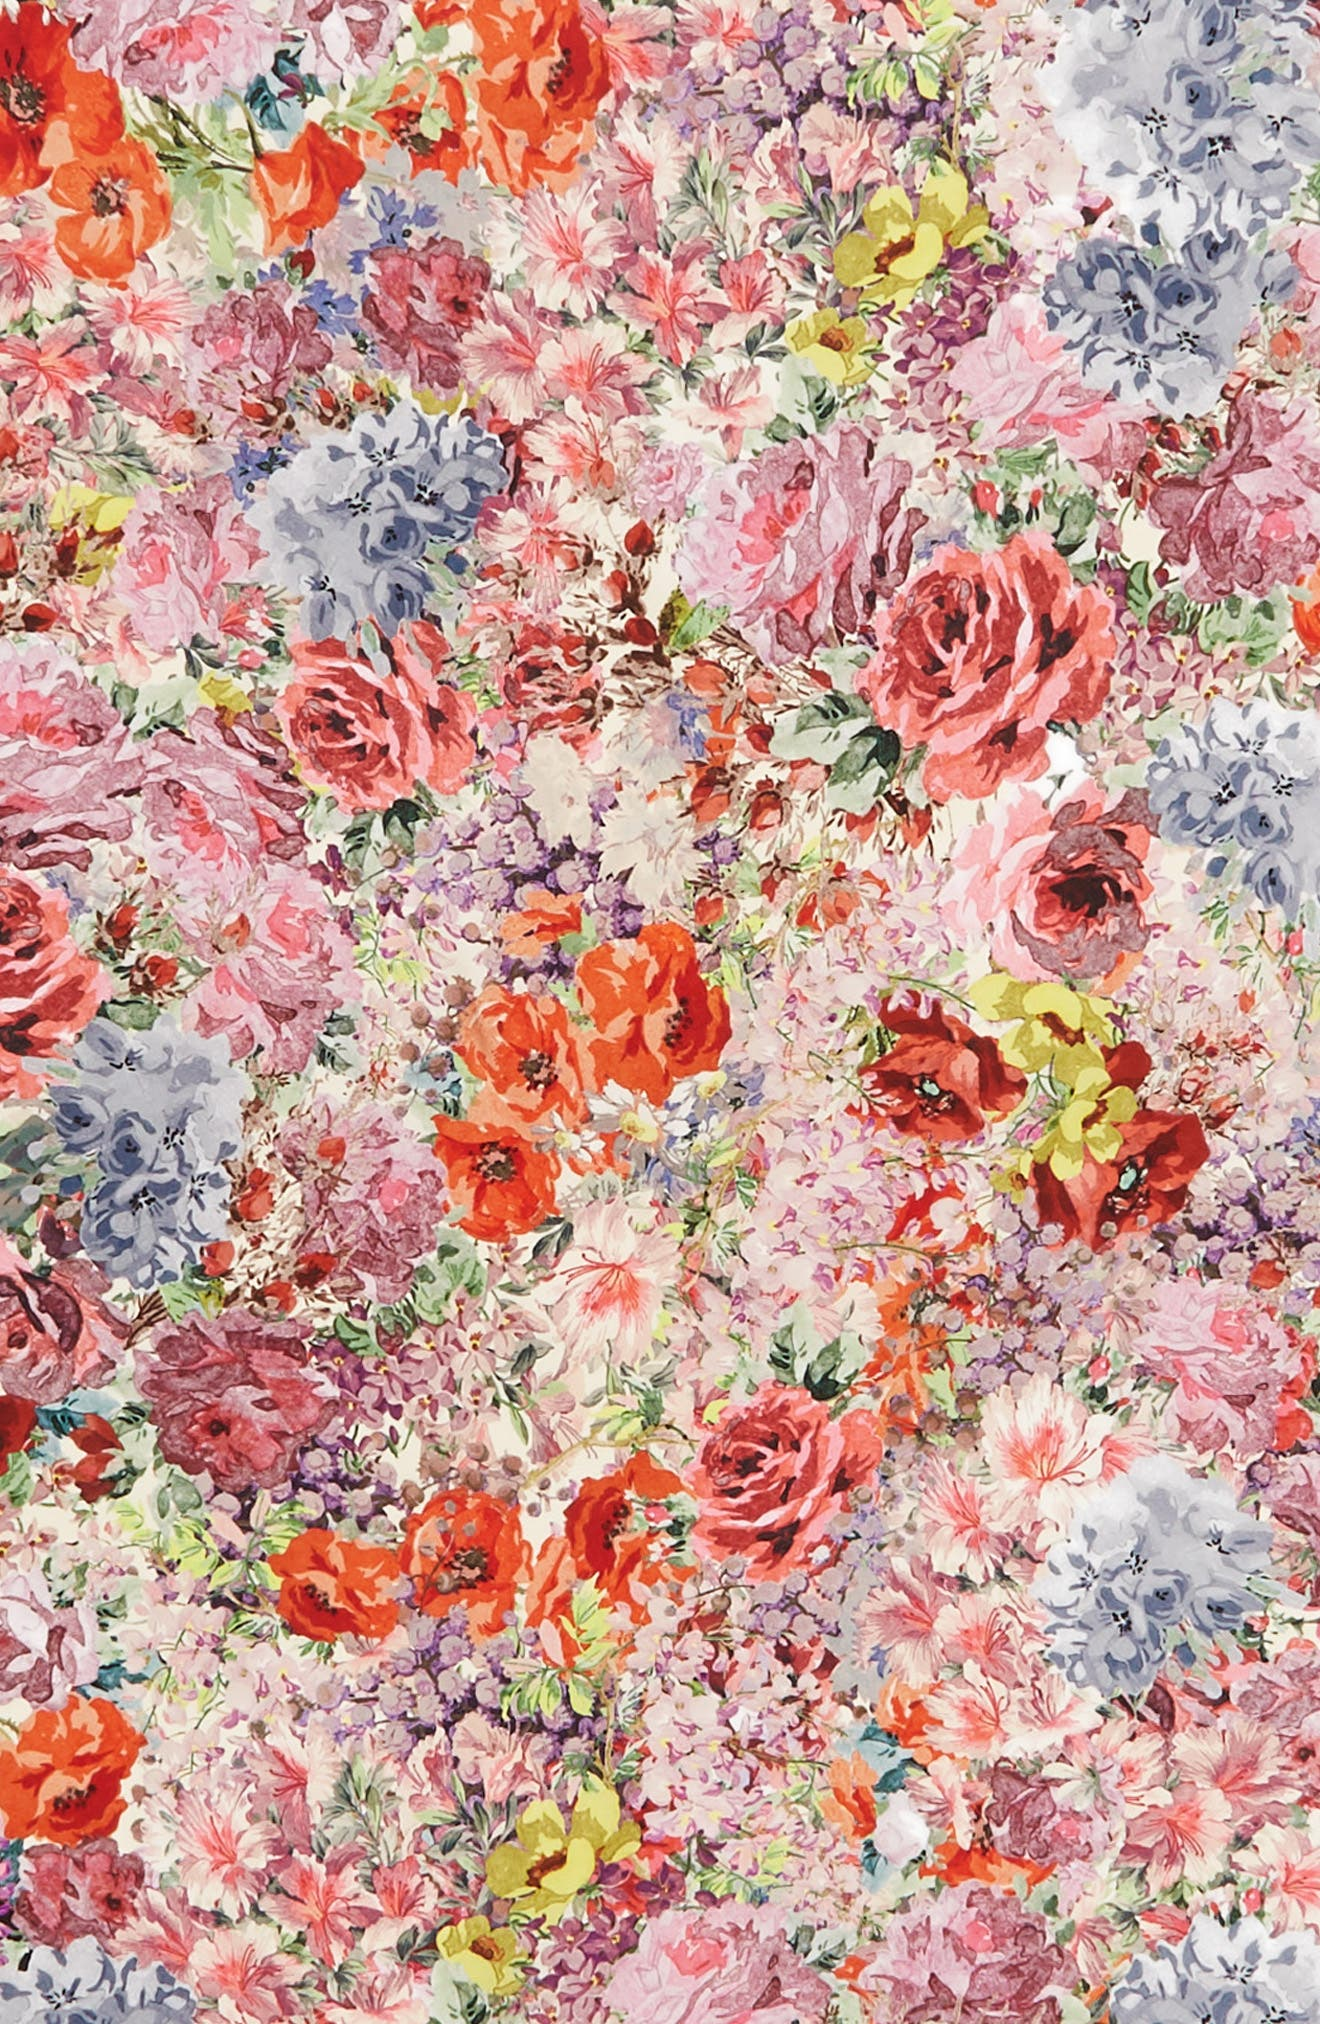 Jardin des Fleurs Square Silk Scarf,                             Alternate thumbnail 4, color,                             Fiori Multicolor/ Nero